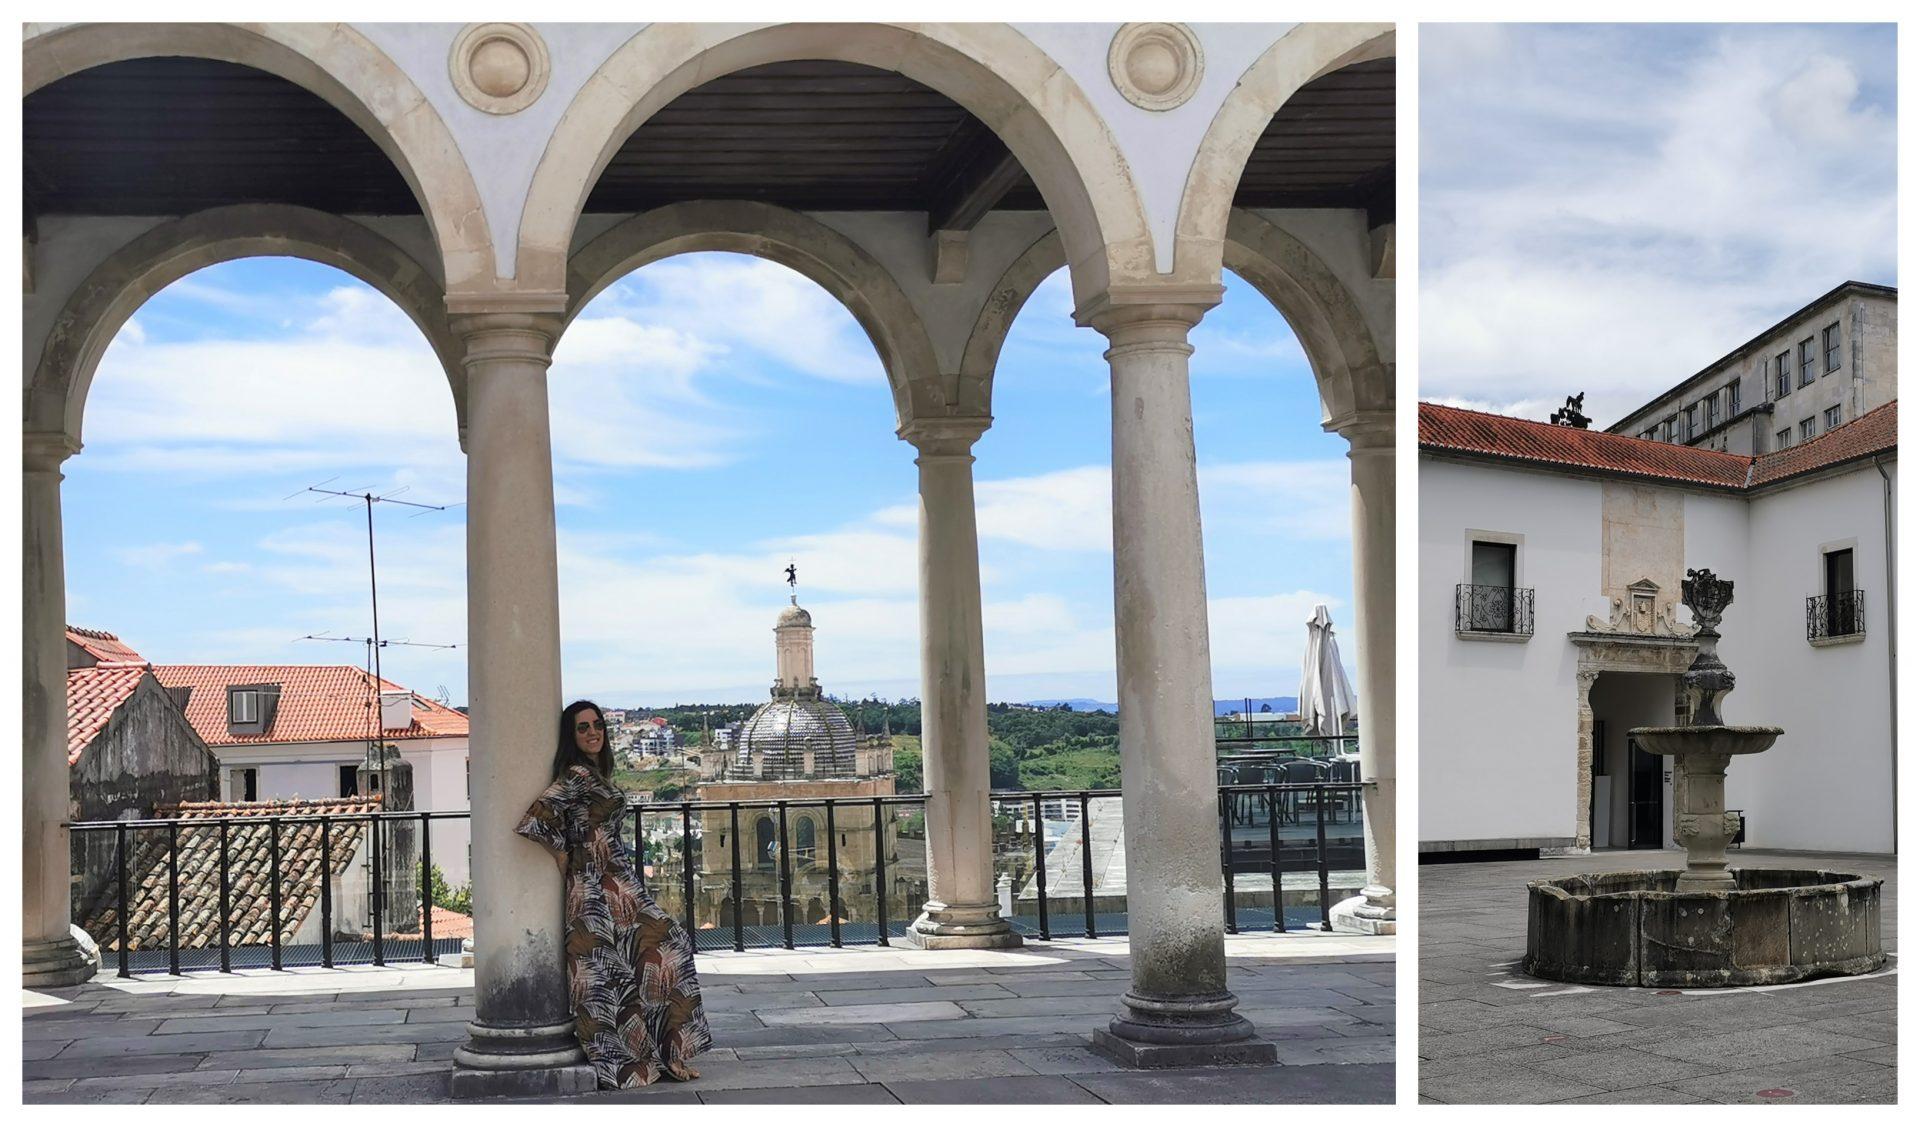 Roteiro de 1 dia por Coimbra (com fotos)